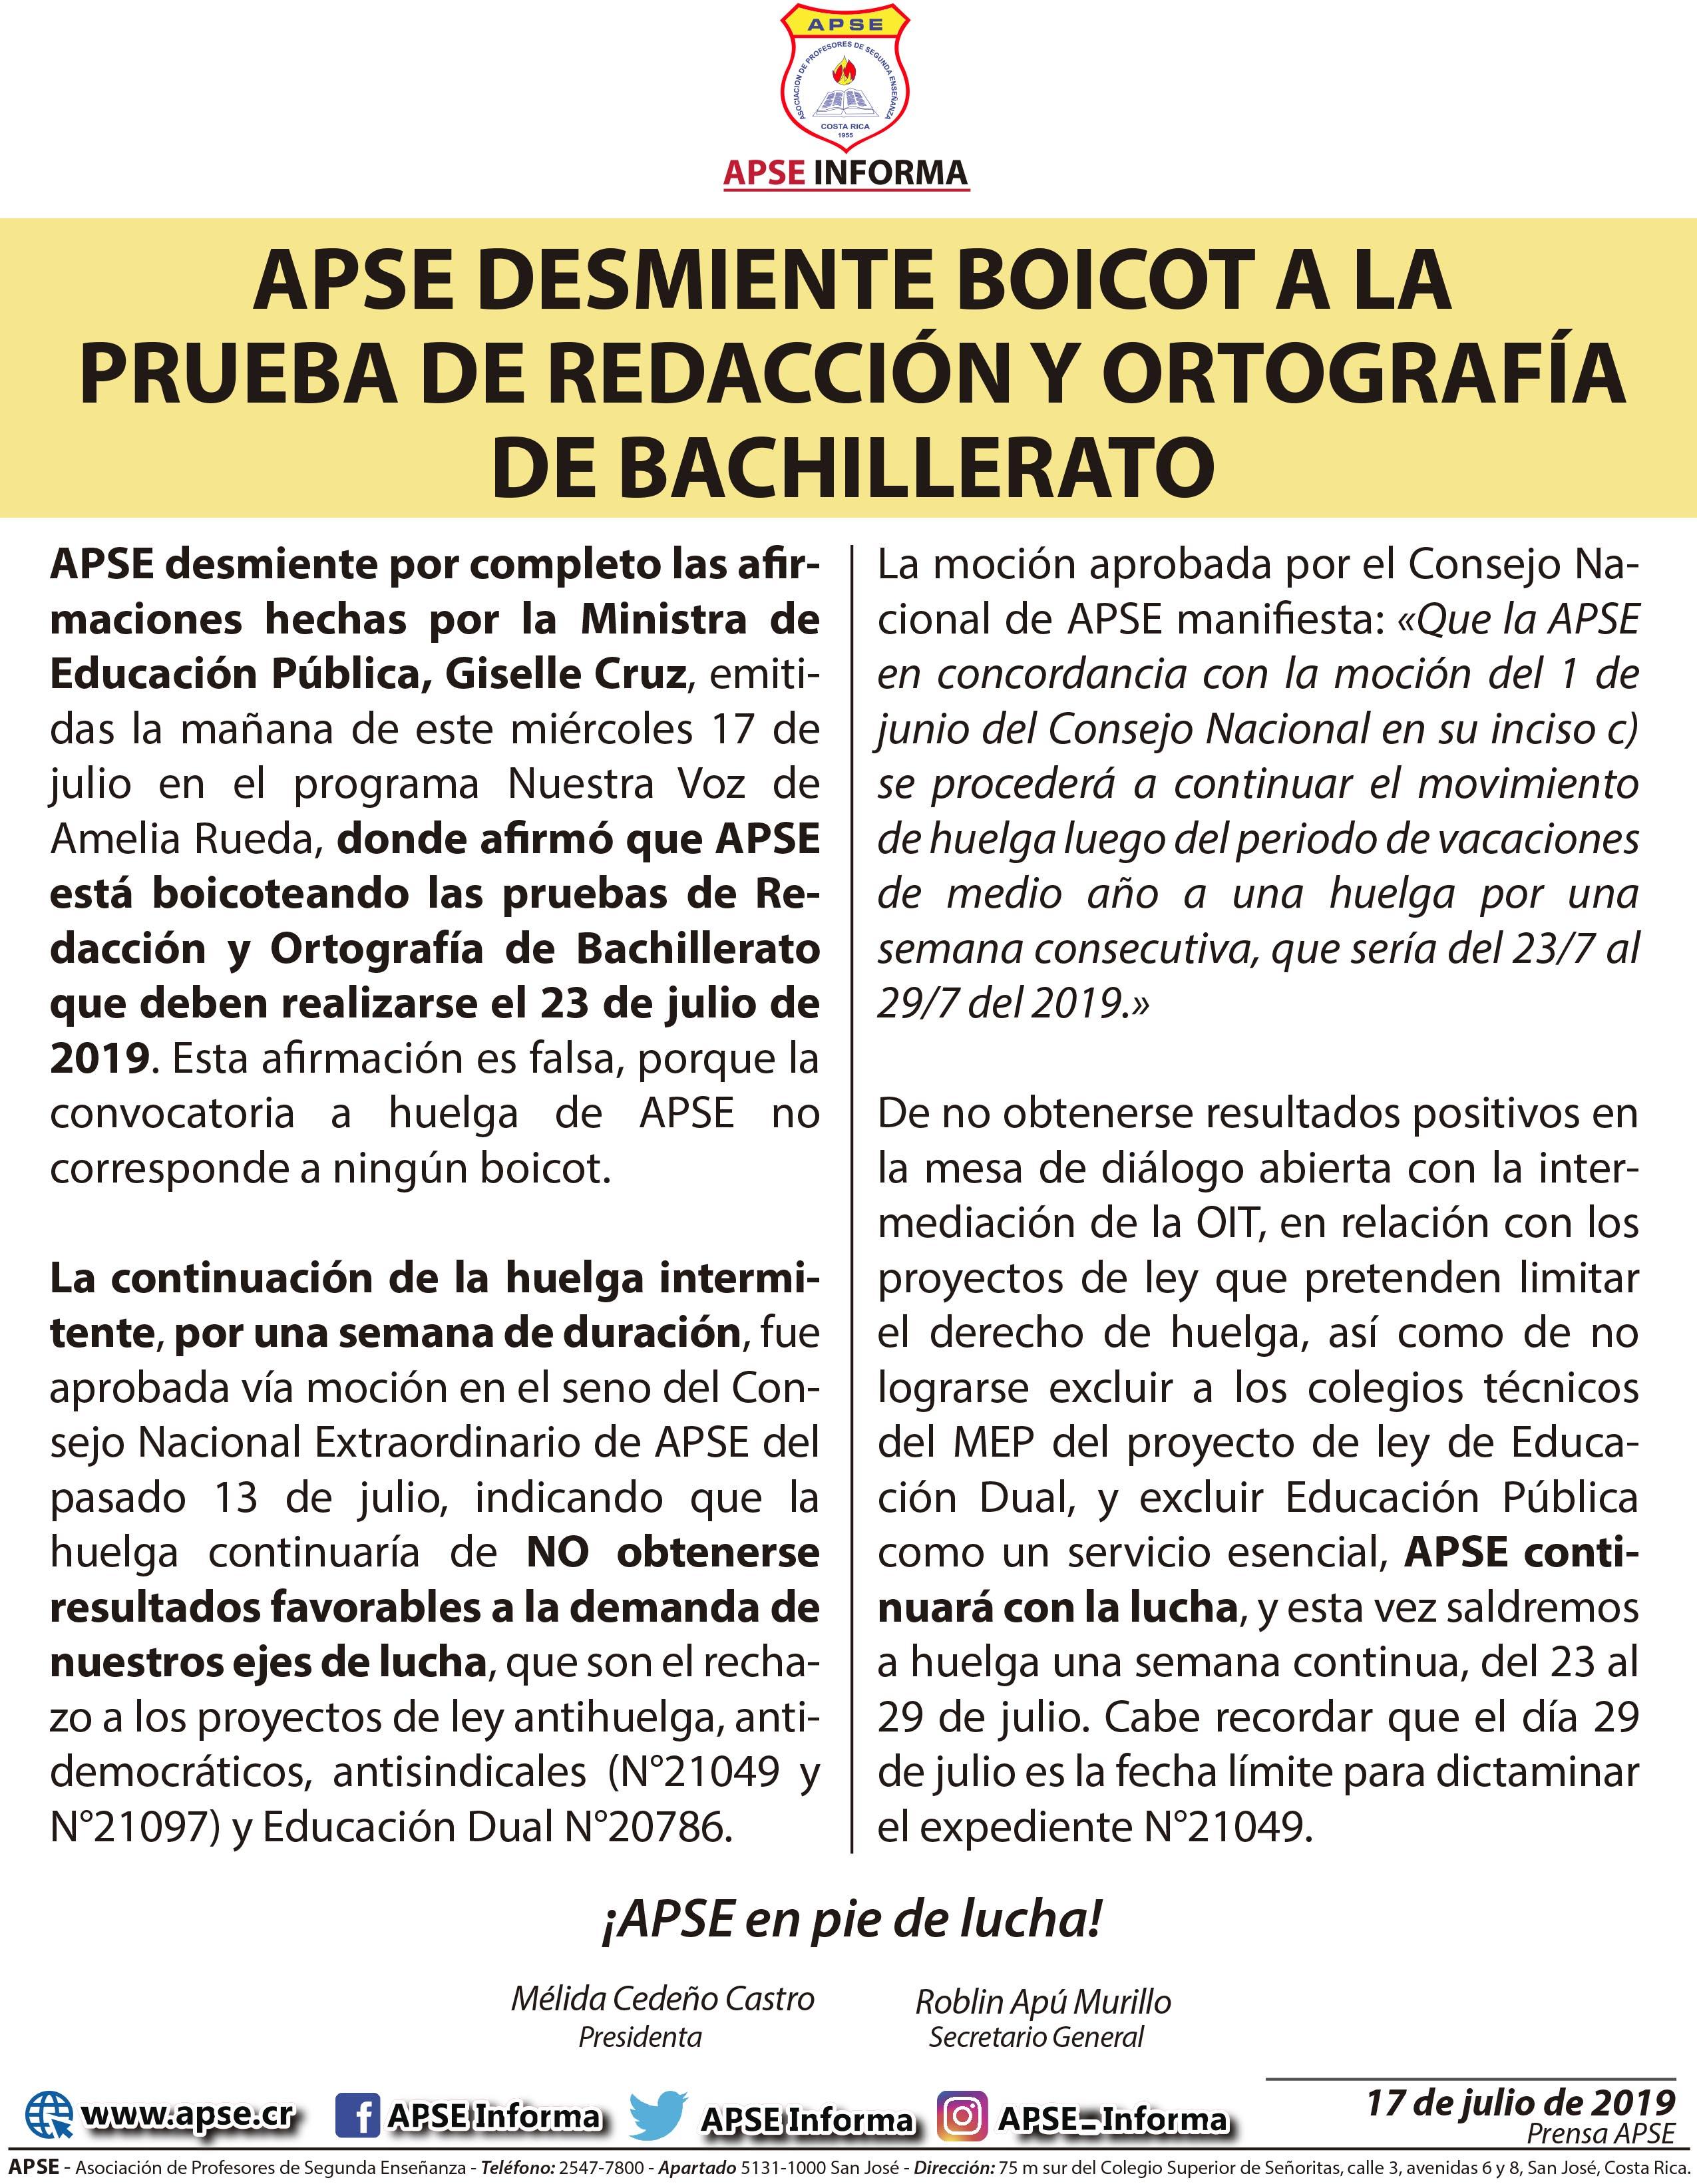 APSE DESMIENTE BOICOT A LA PRUEBA DE REDACCIÓN Y ORTOGRAFÍA DE BACHILLERATO